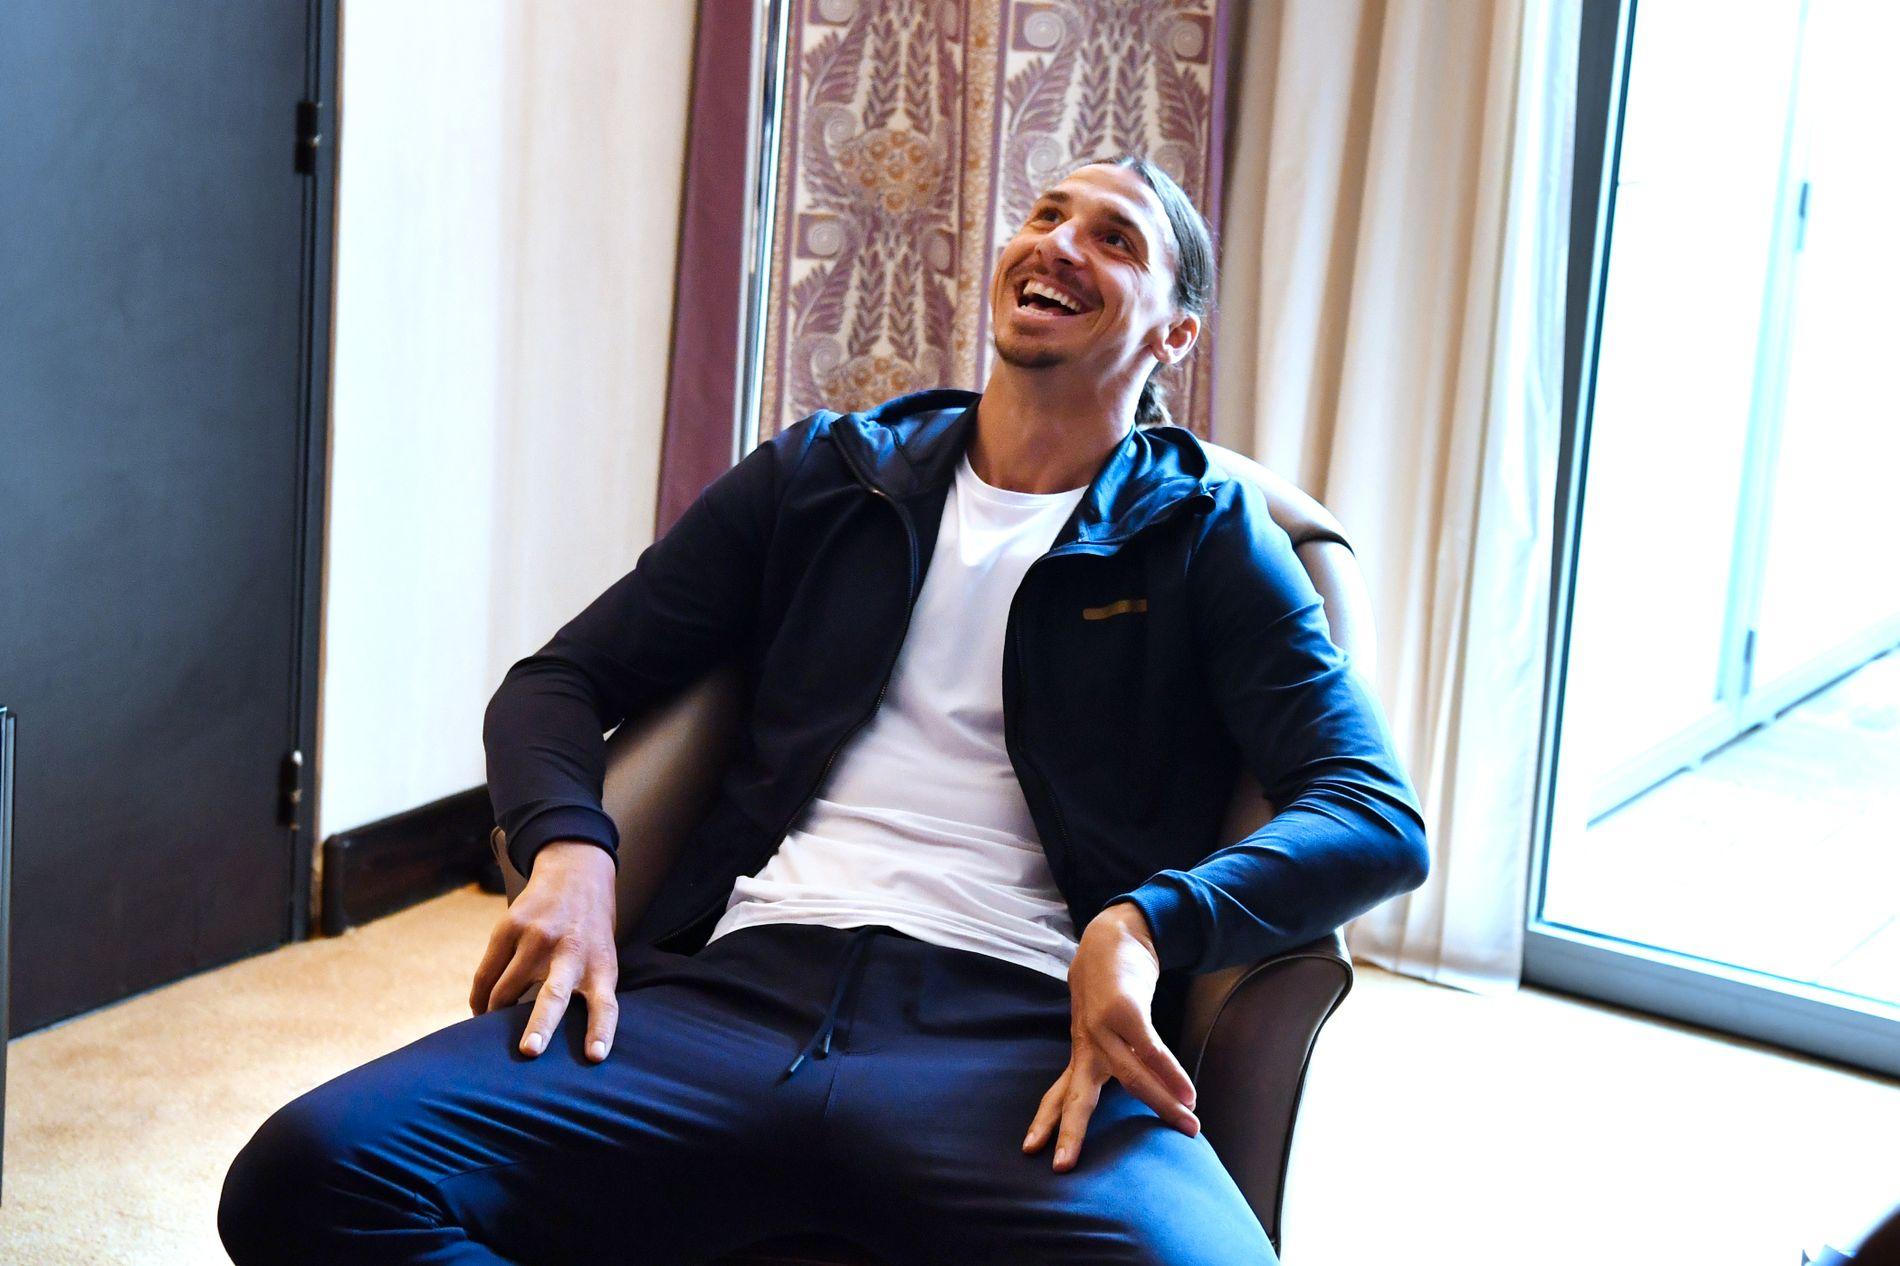 HAR SÅ DET MONNER: Zlatan Ibrahimović (35) har 1,3 milliarder grunner til å smile bredt.